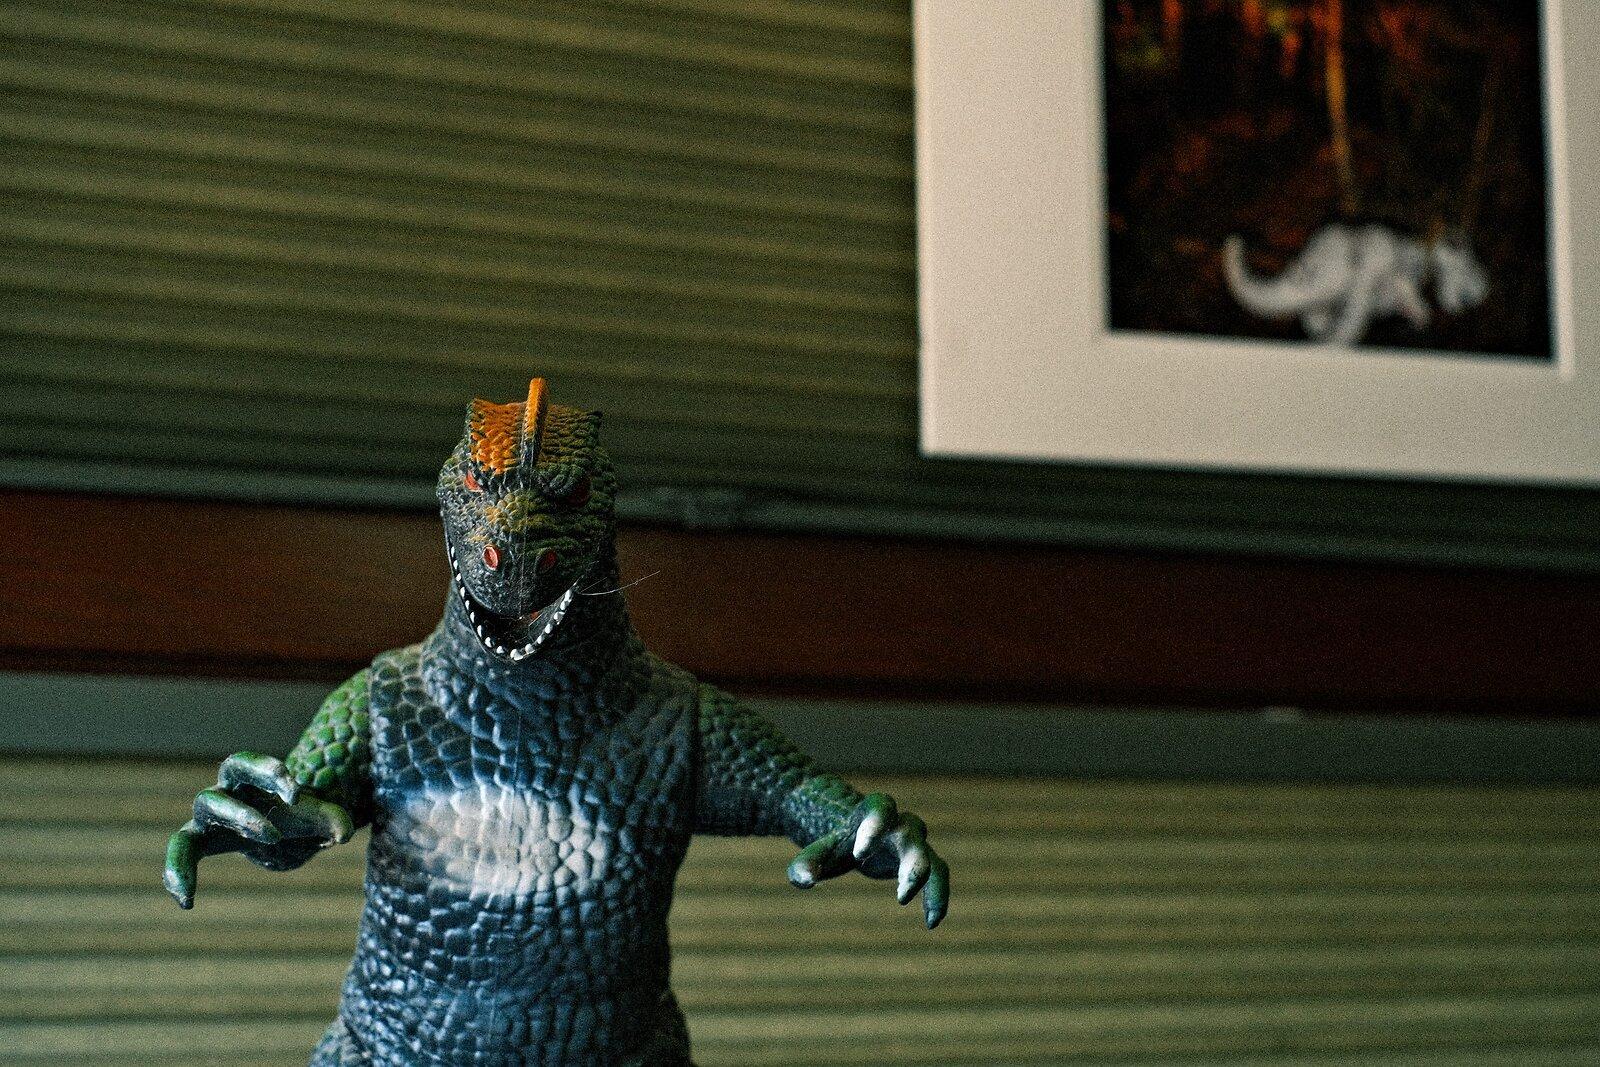 XPro3_July18_21_Godzilla&DinoPhoto.jpg